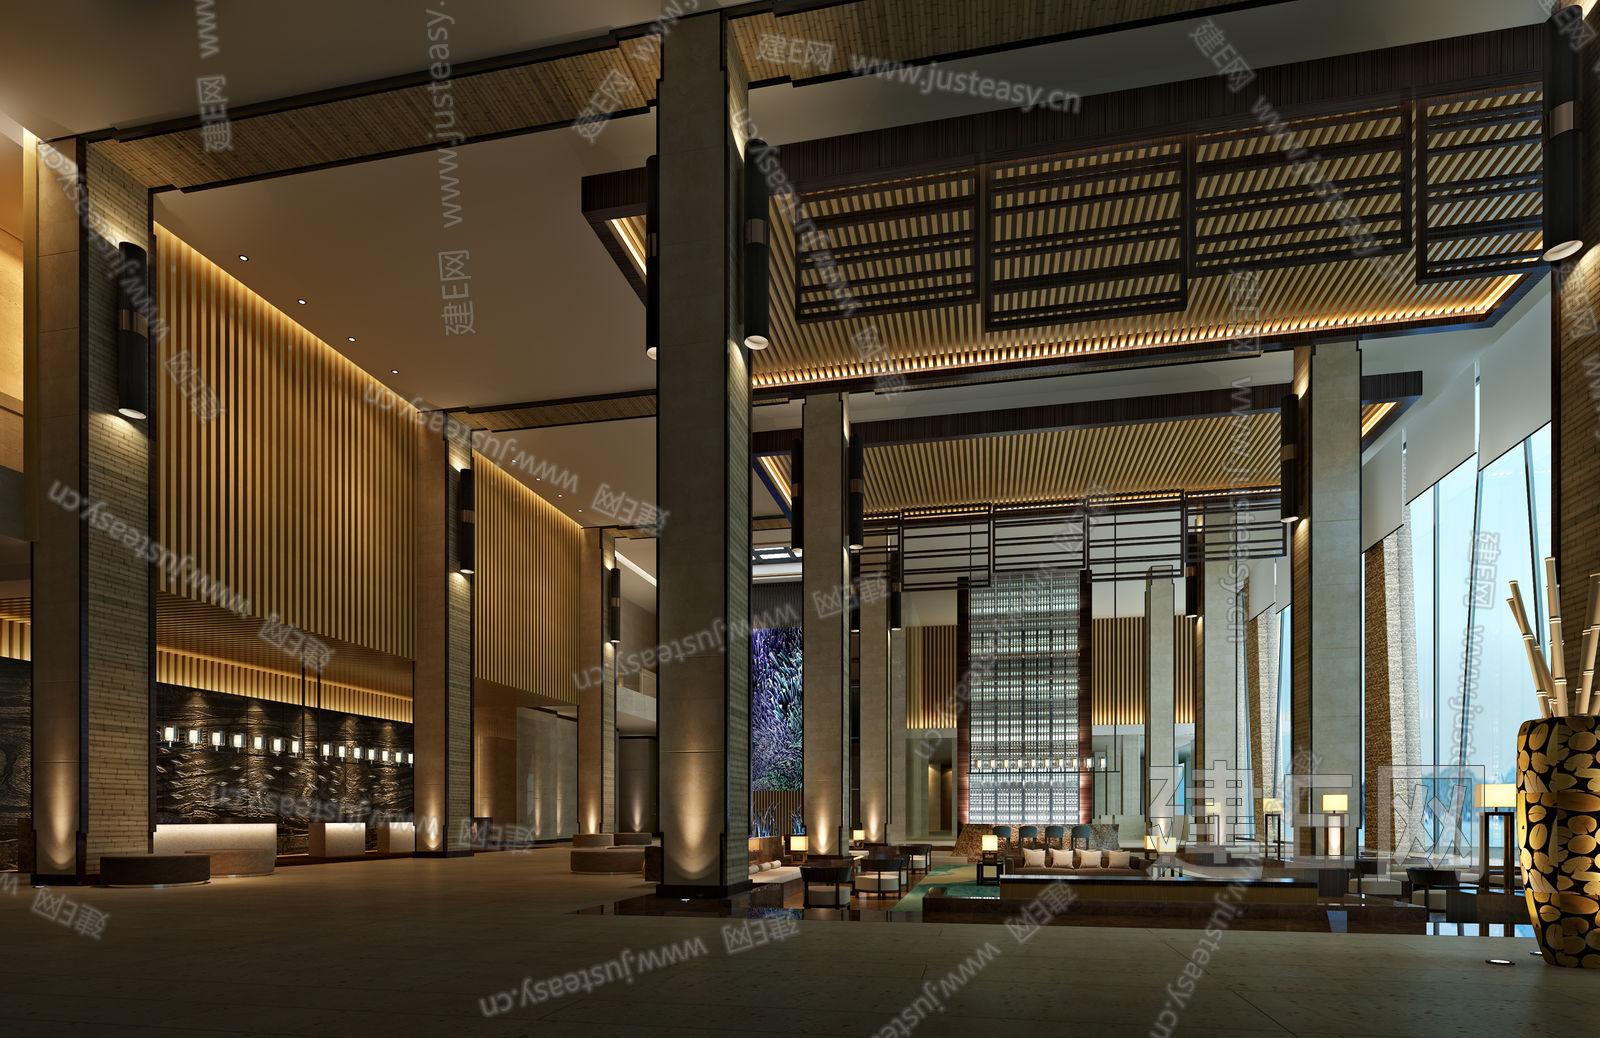 千岛湖洲际度假酒店现代中式大堂 建e网3d模型分享交流平台 3d模型下载 3d模型下载网站